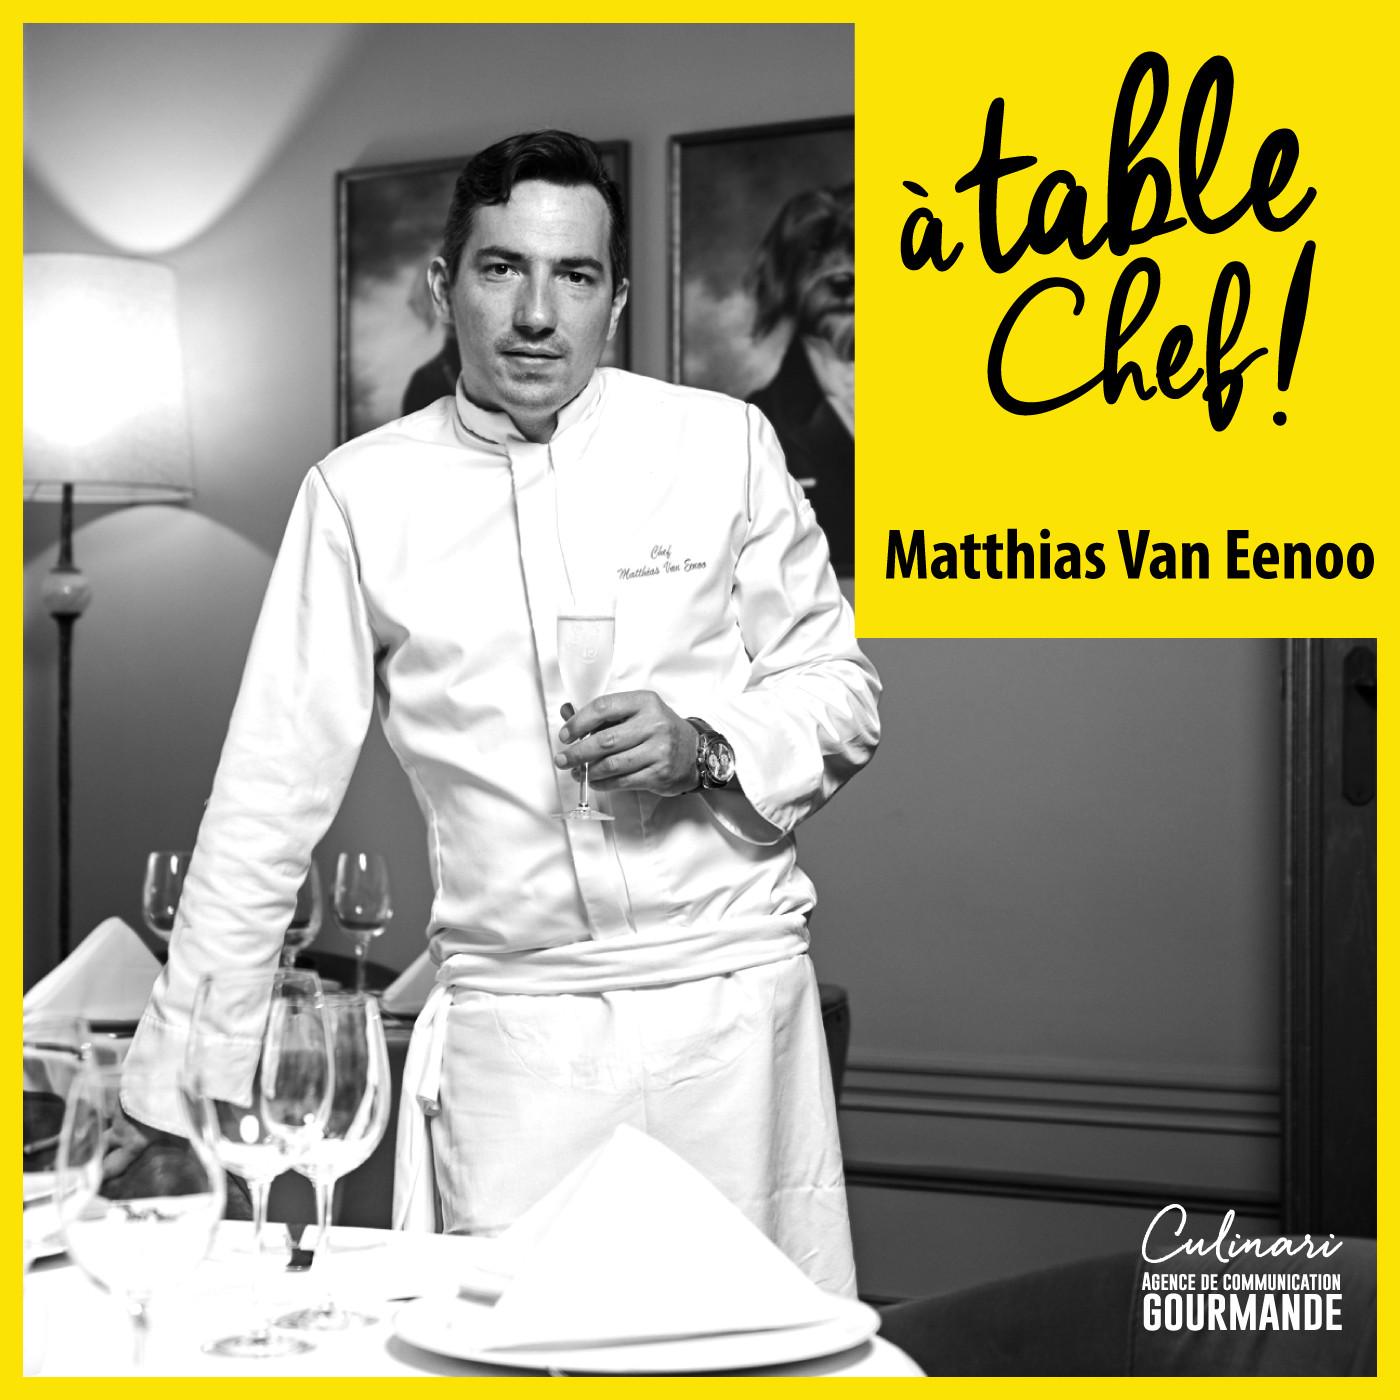 Chef Matthias Van Eenoo